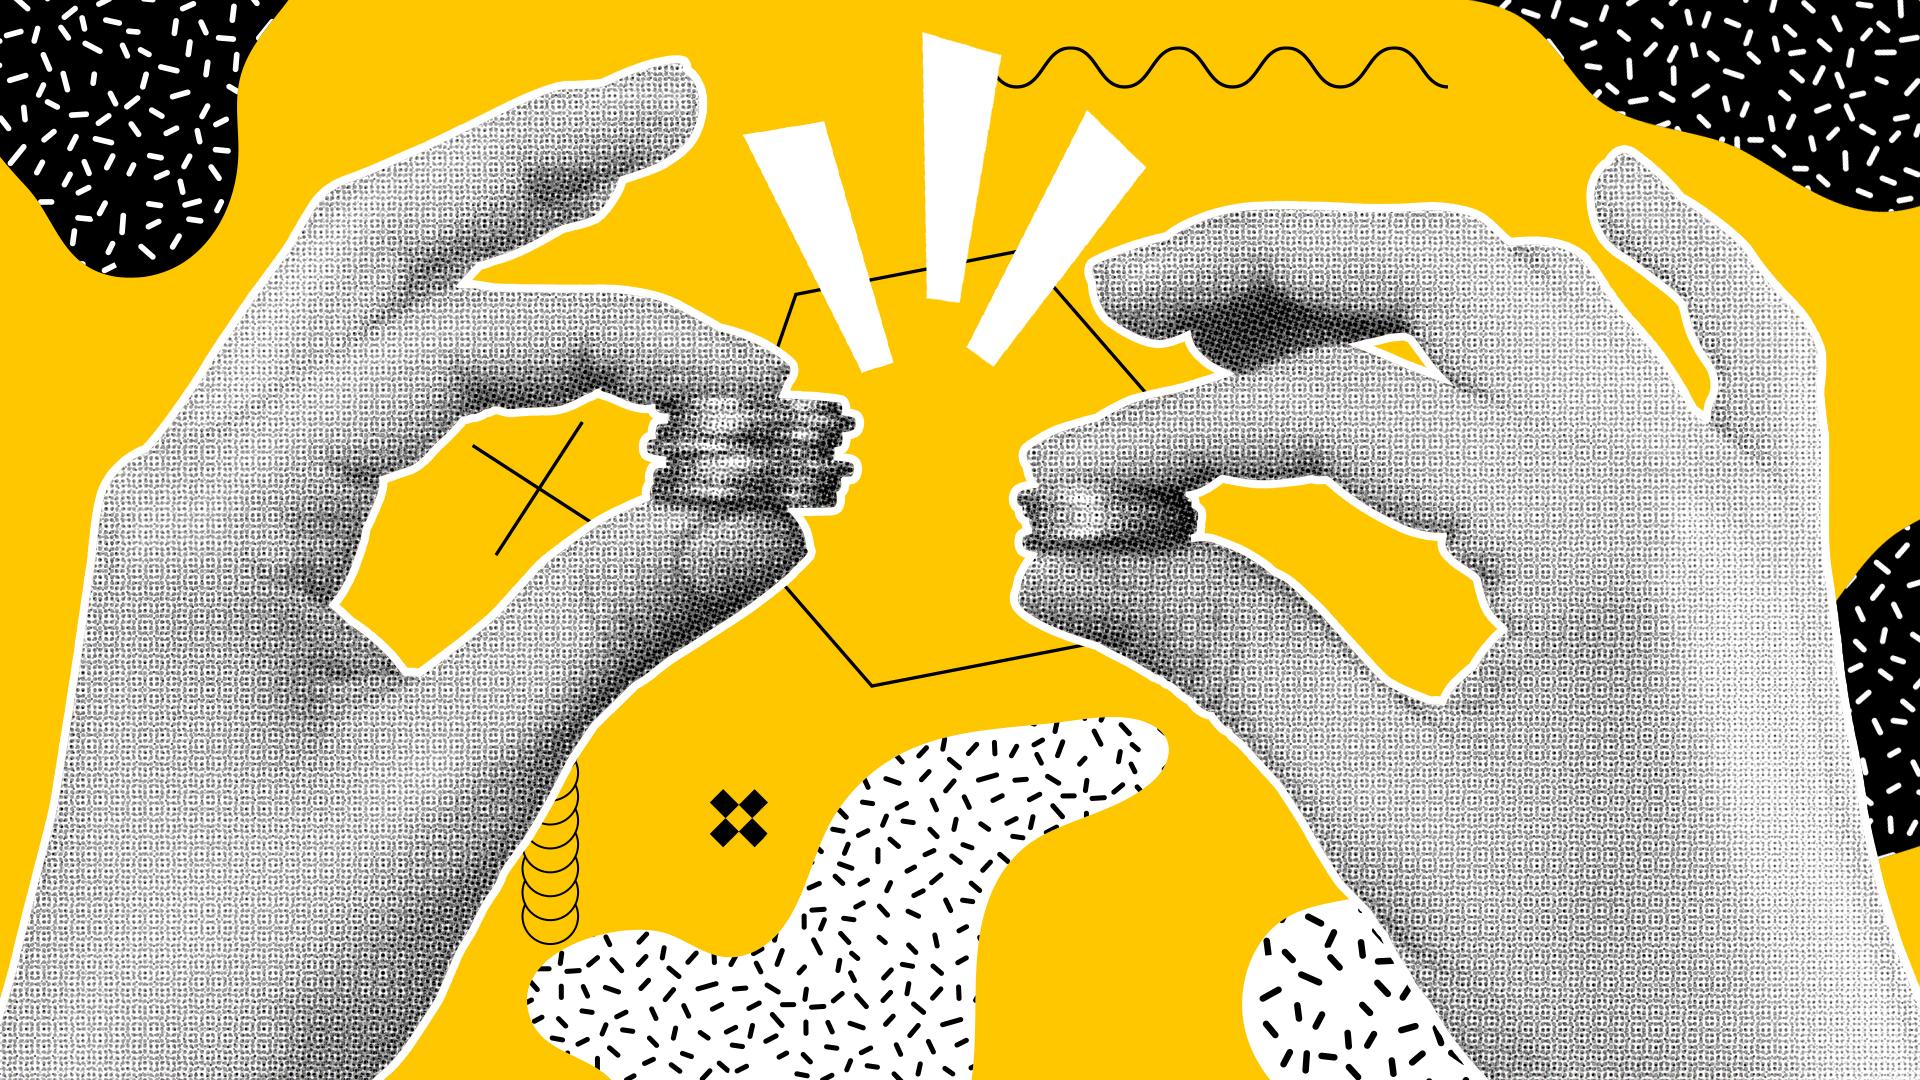 Aumentare la collaborazione: la lotta per l'attenzione collettiva.